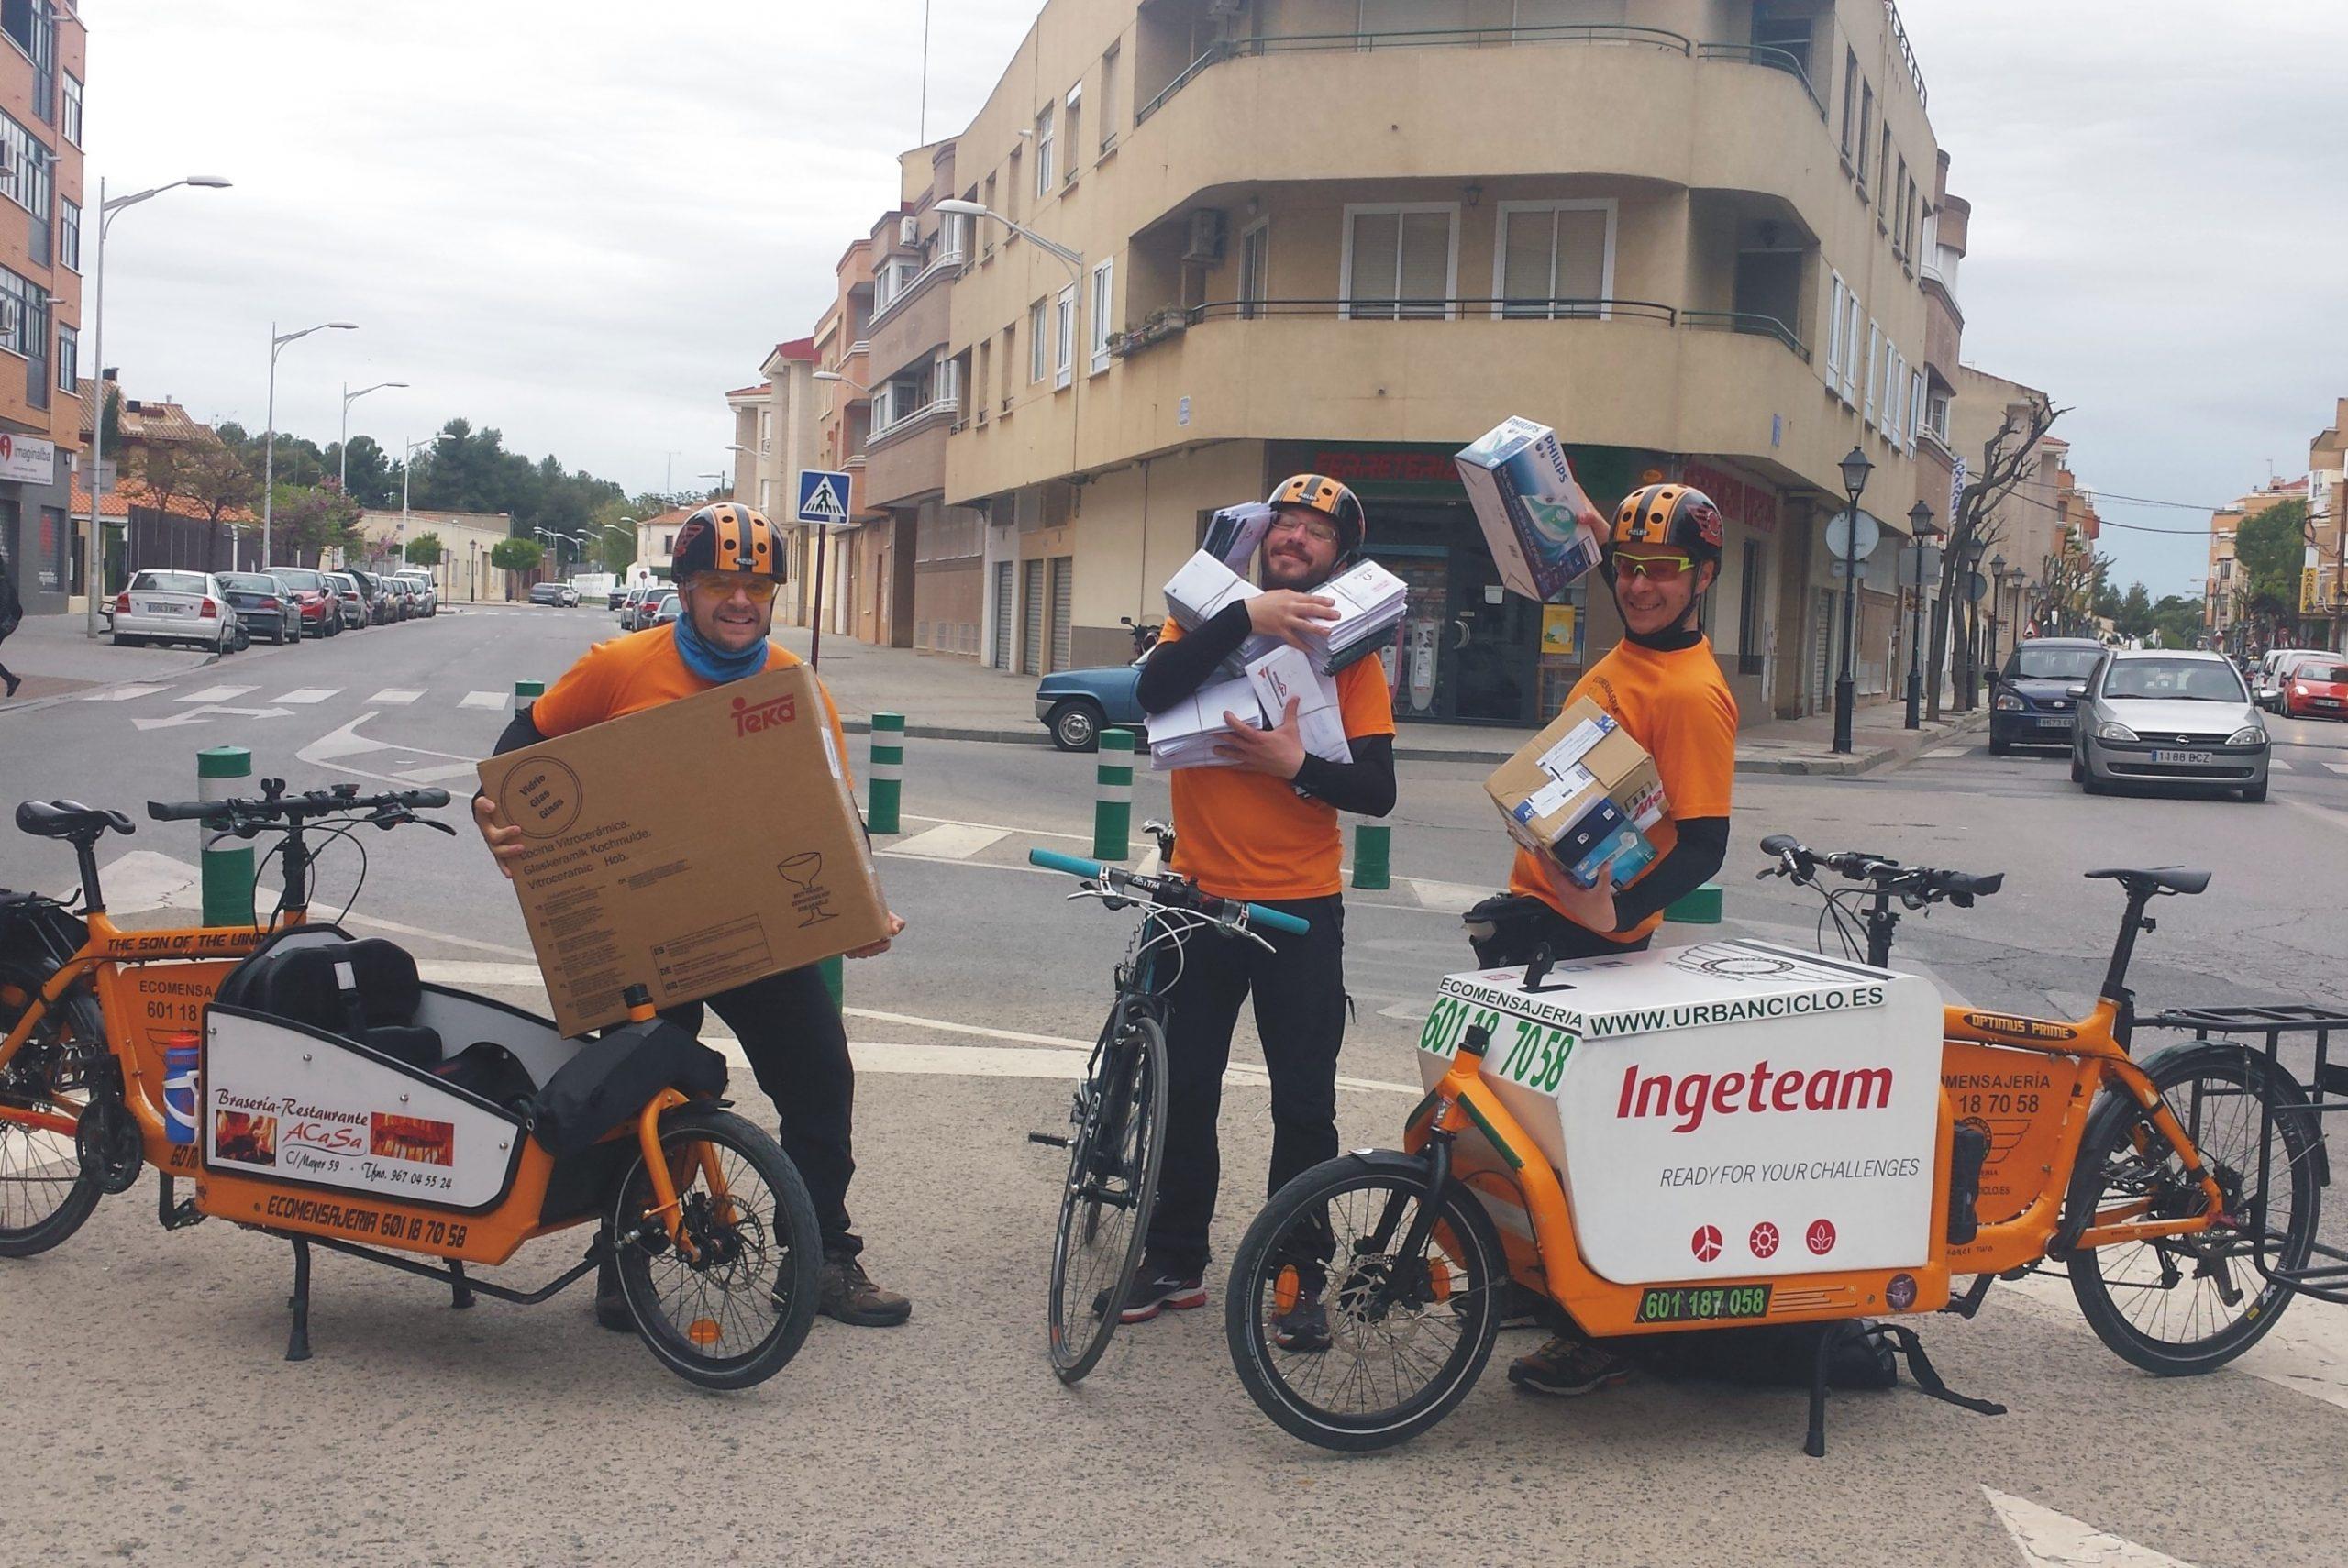 Ingeteam y Urban Ciclo